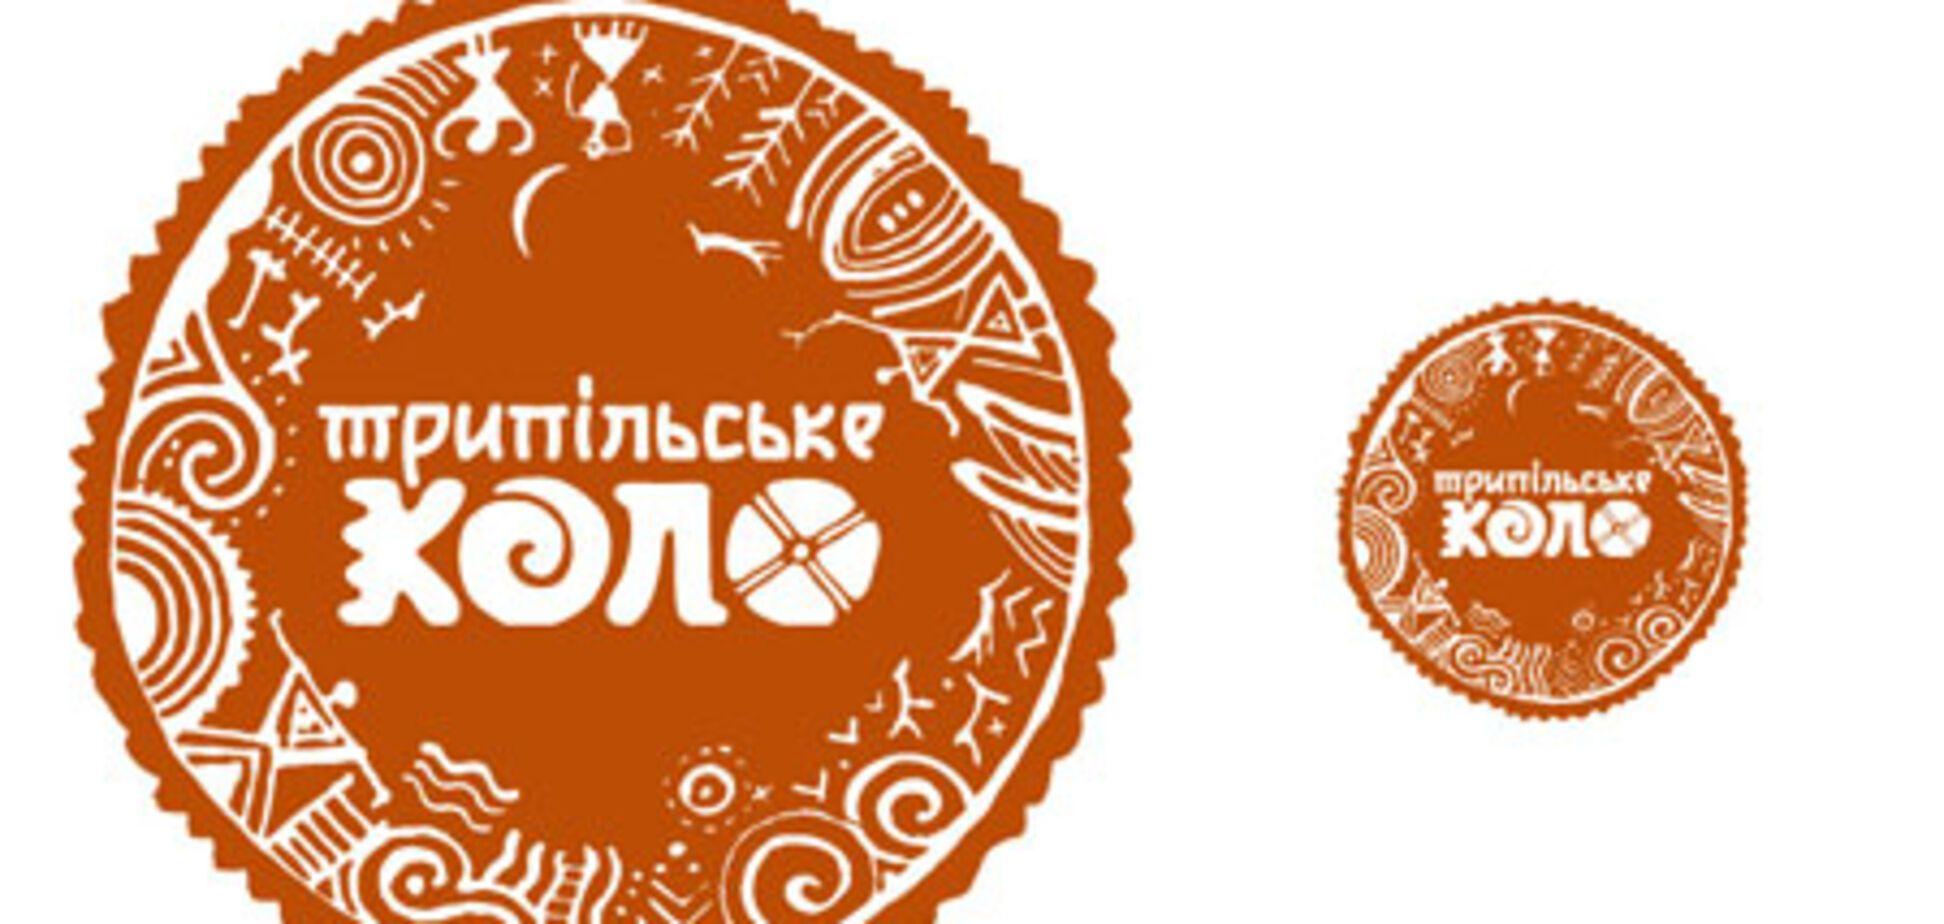 Третий Фестиваль 'ТРИПІЛЬСЬКЕ КОЛО – 2010. ВОГОНЬ'